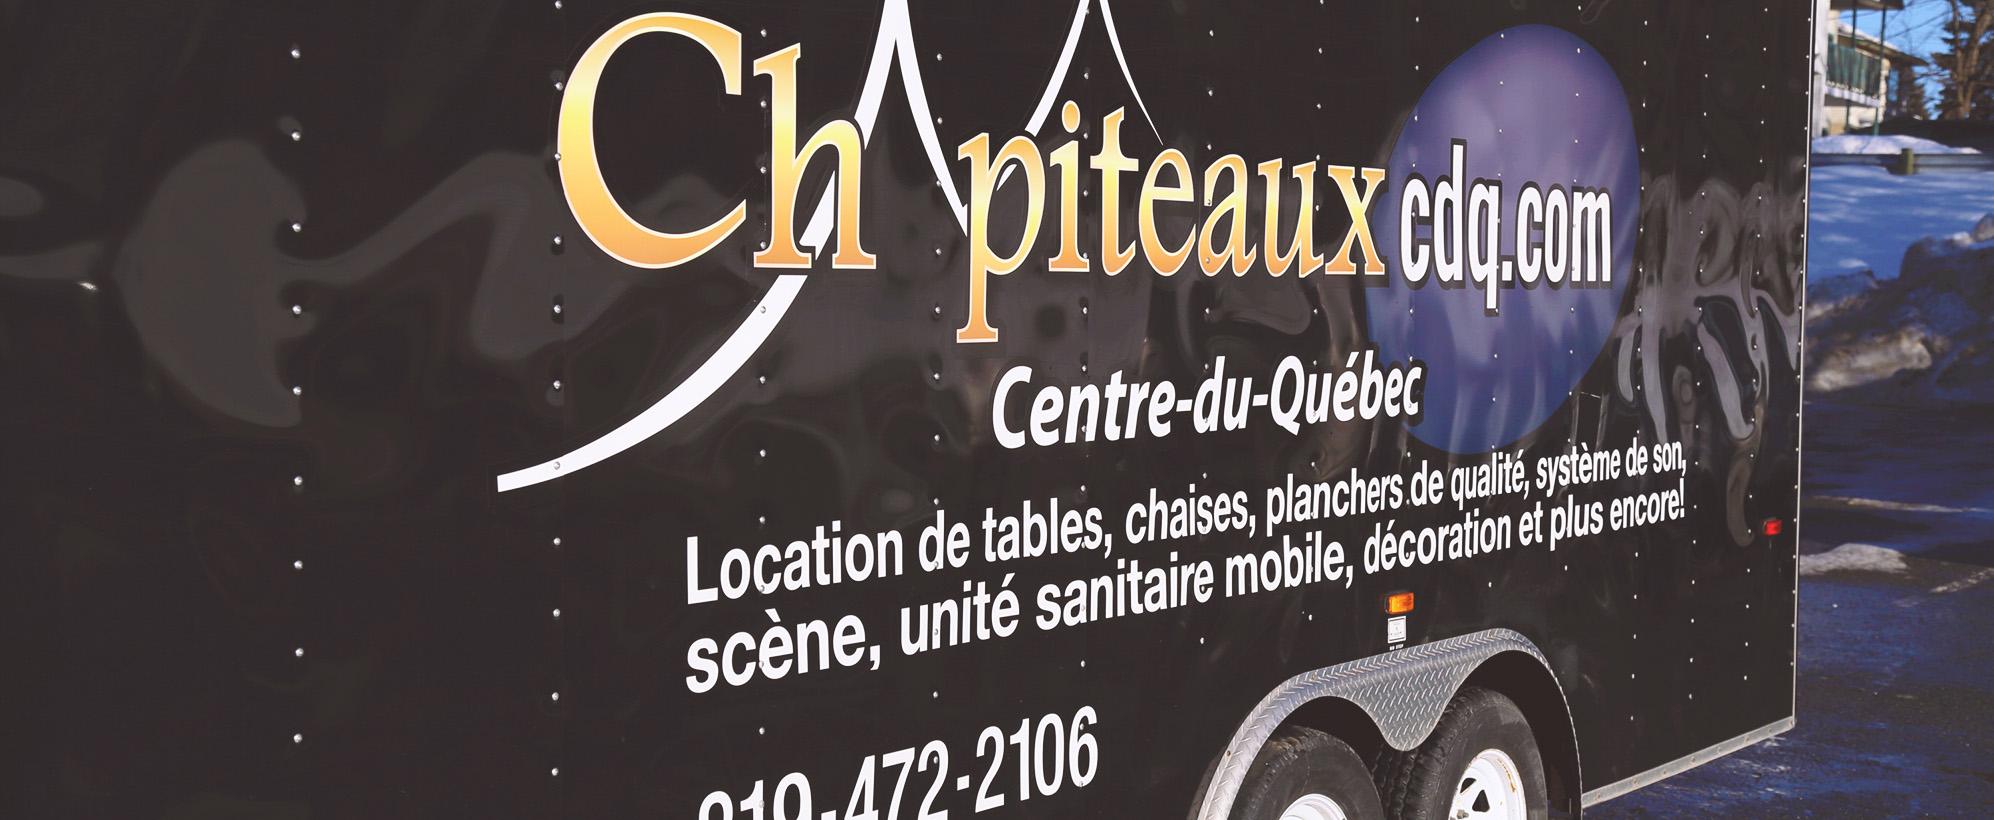 Location de chapiteau, remorque Chapiteaux CDQ Drummondville, centre-du-québec